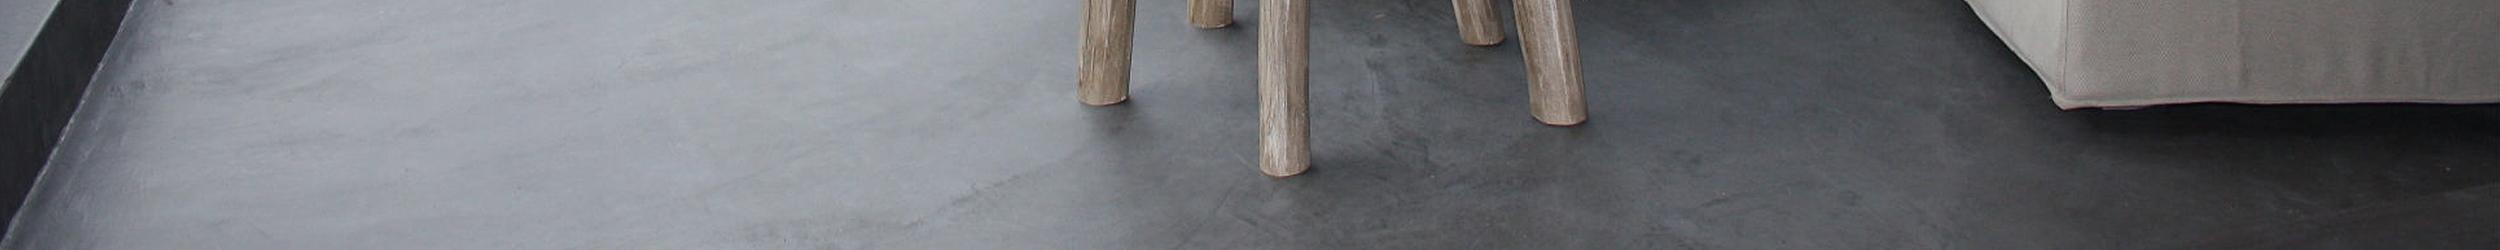 Fusion-leefbeton-vloer-betoncire-betonlook-Gouda